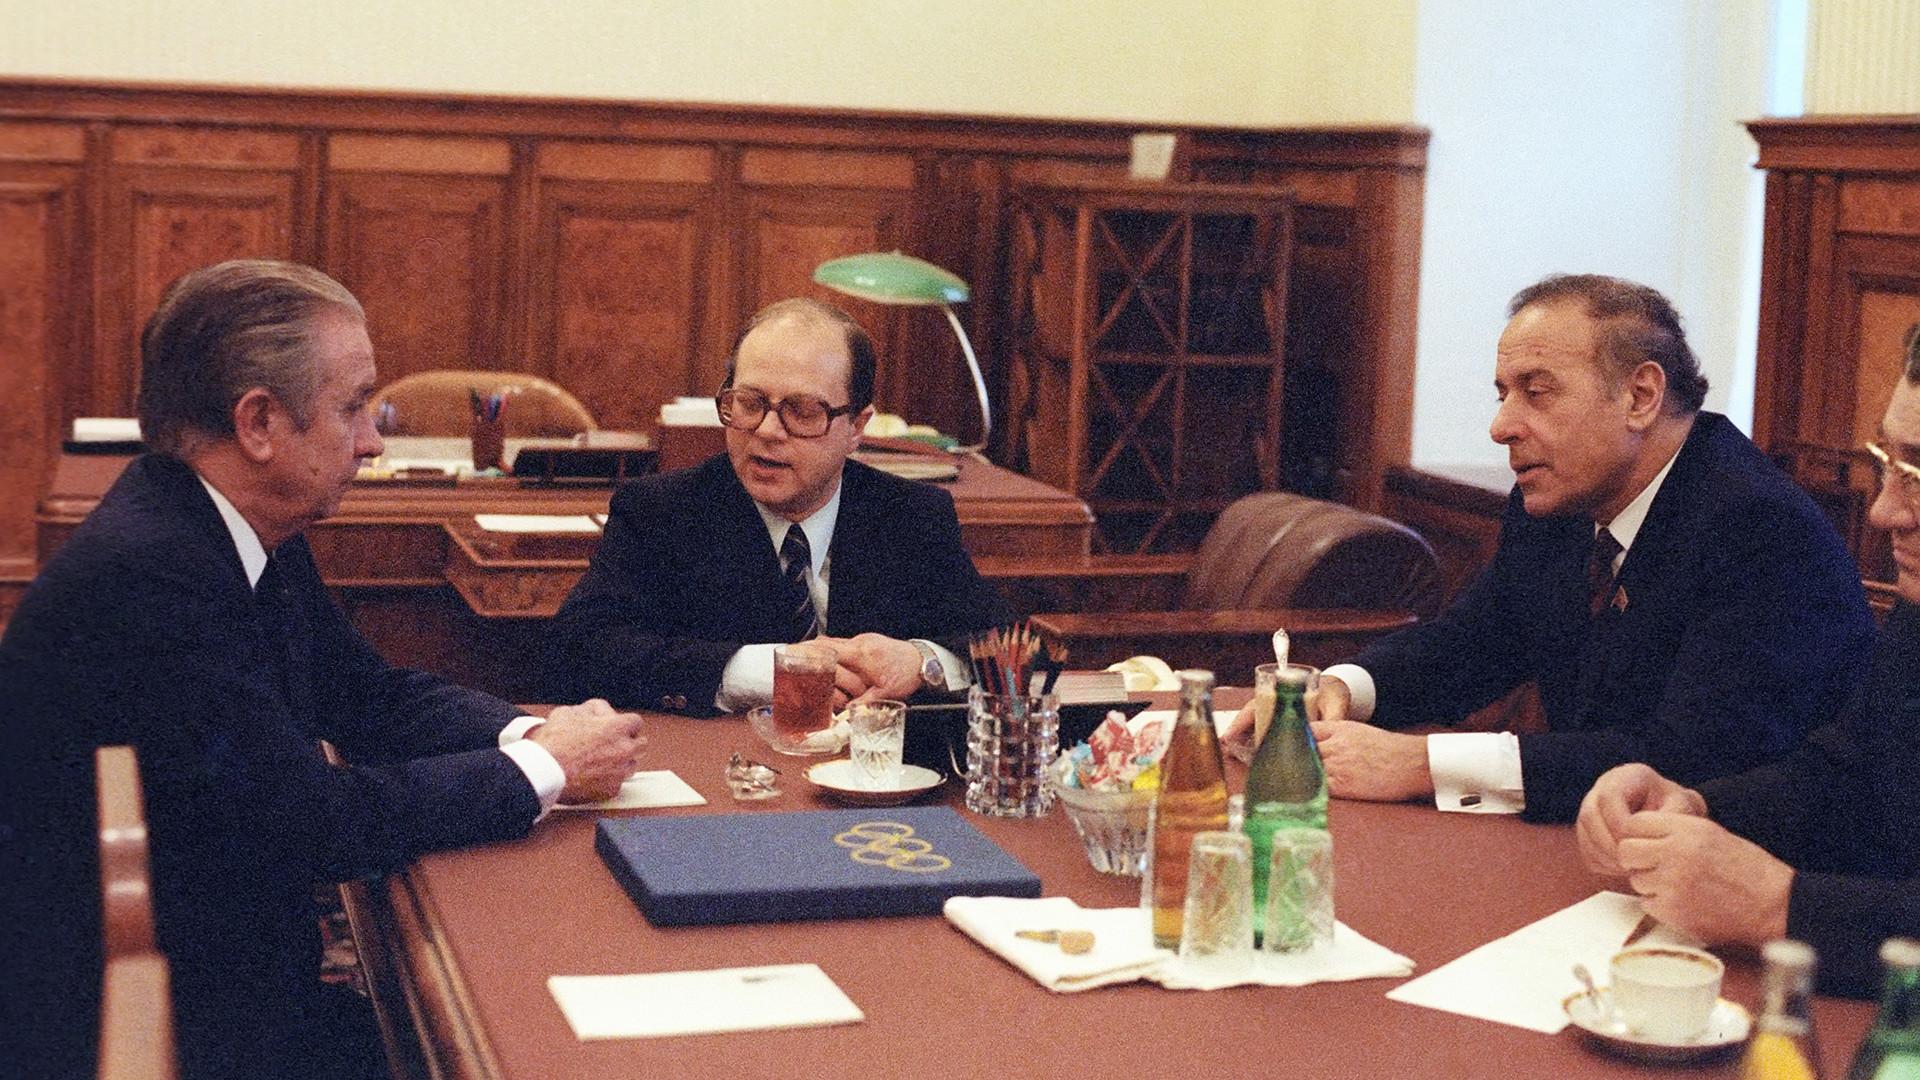 Първият зам.-председател на Съвета на министрите на СССР Гейдар Алиев (вдясно) и президентът на МОК Хуан Антонио Самаранч на среща в Кремъл.